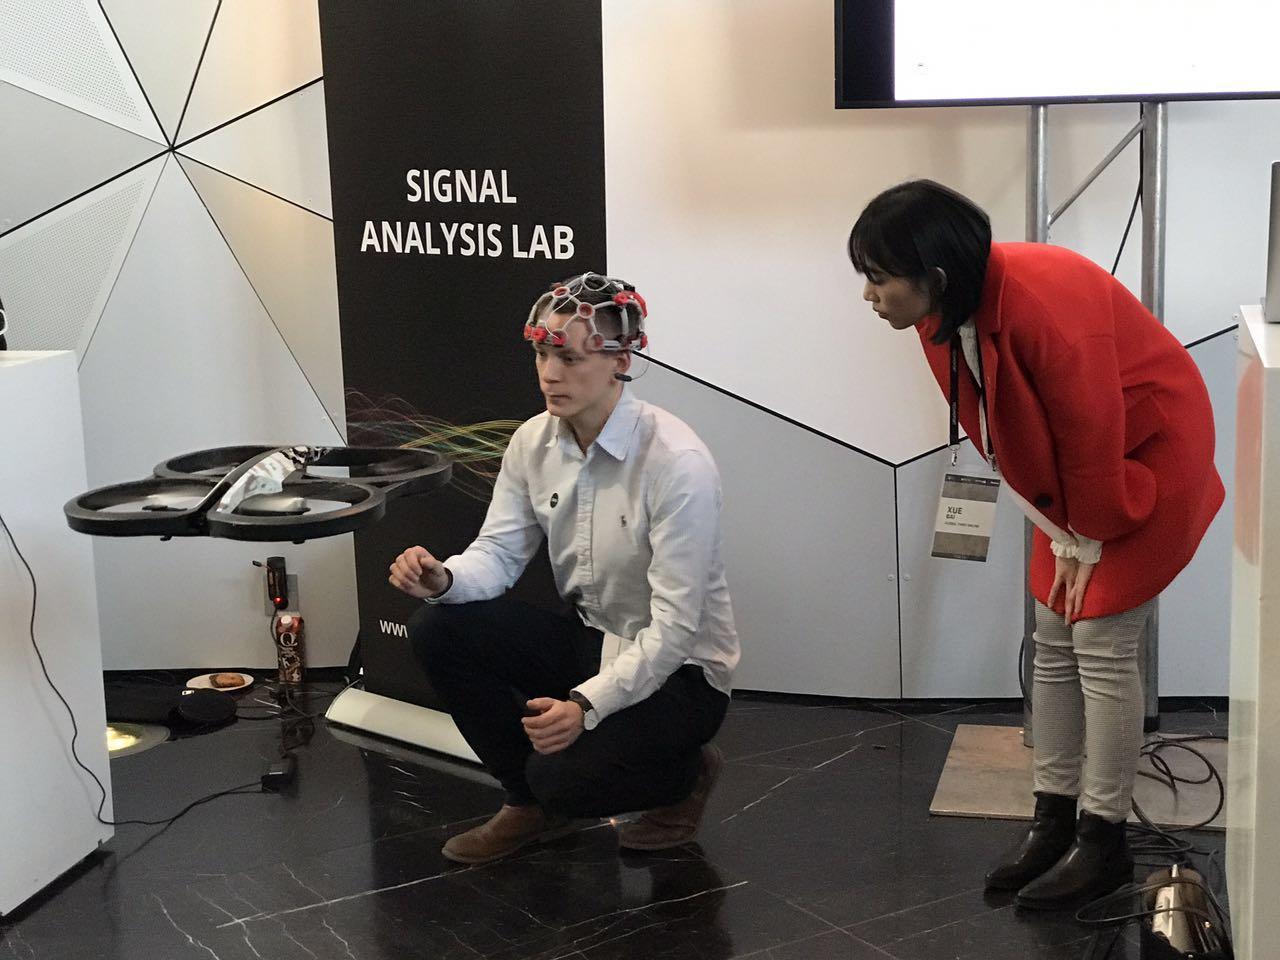 挪威实验室现场展示意念控制无人机